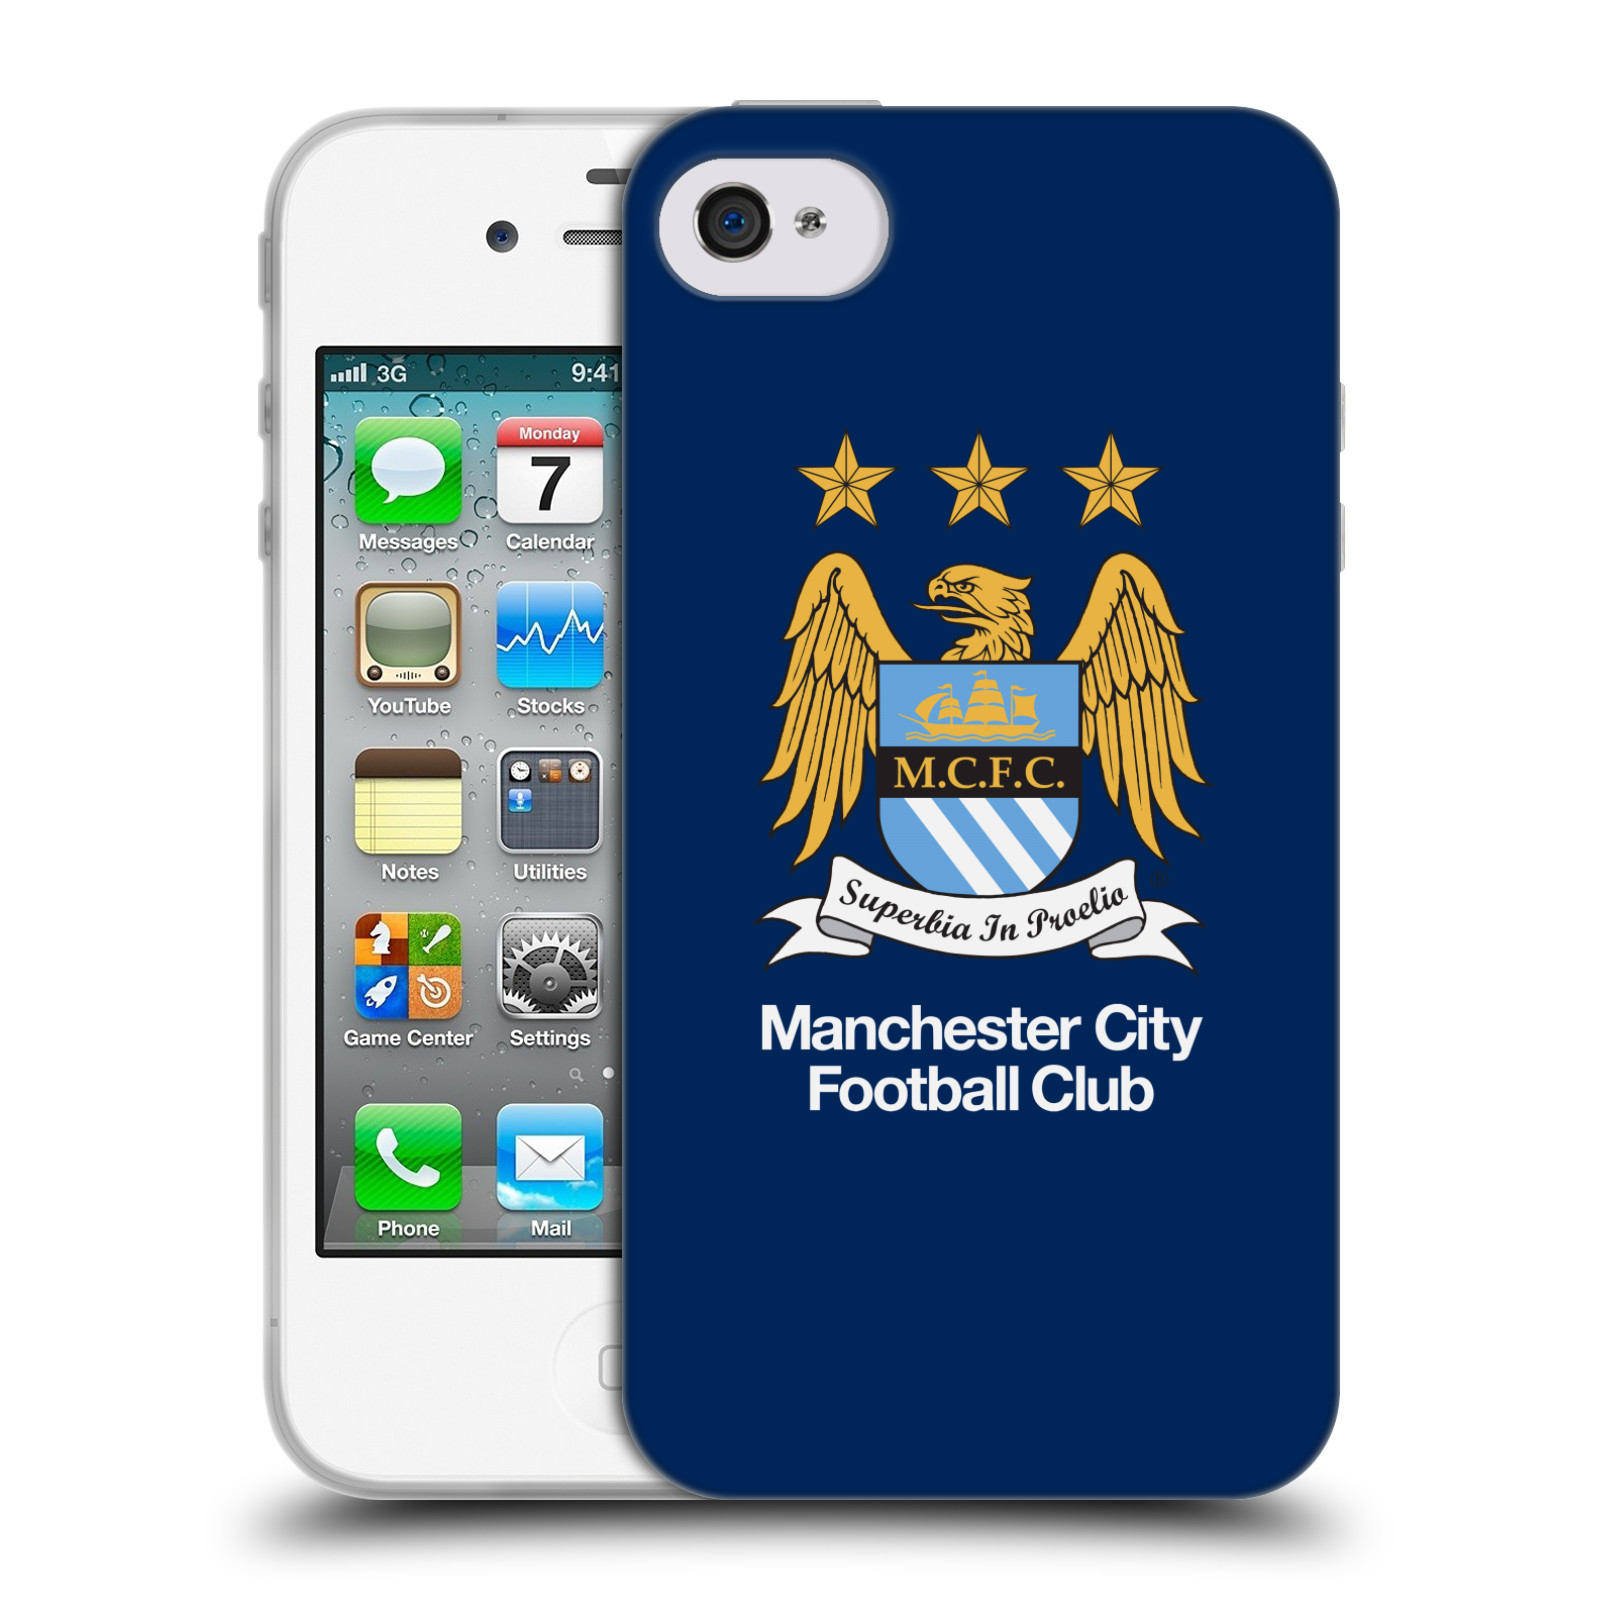 HEAD CASE silikonový obal na mobil Apple Iphone 4 Fotbalový klub Manchester City modré pozadí velký znak